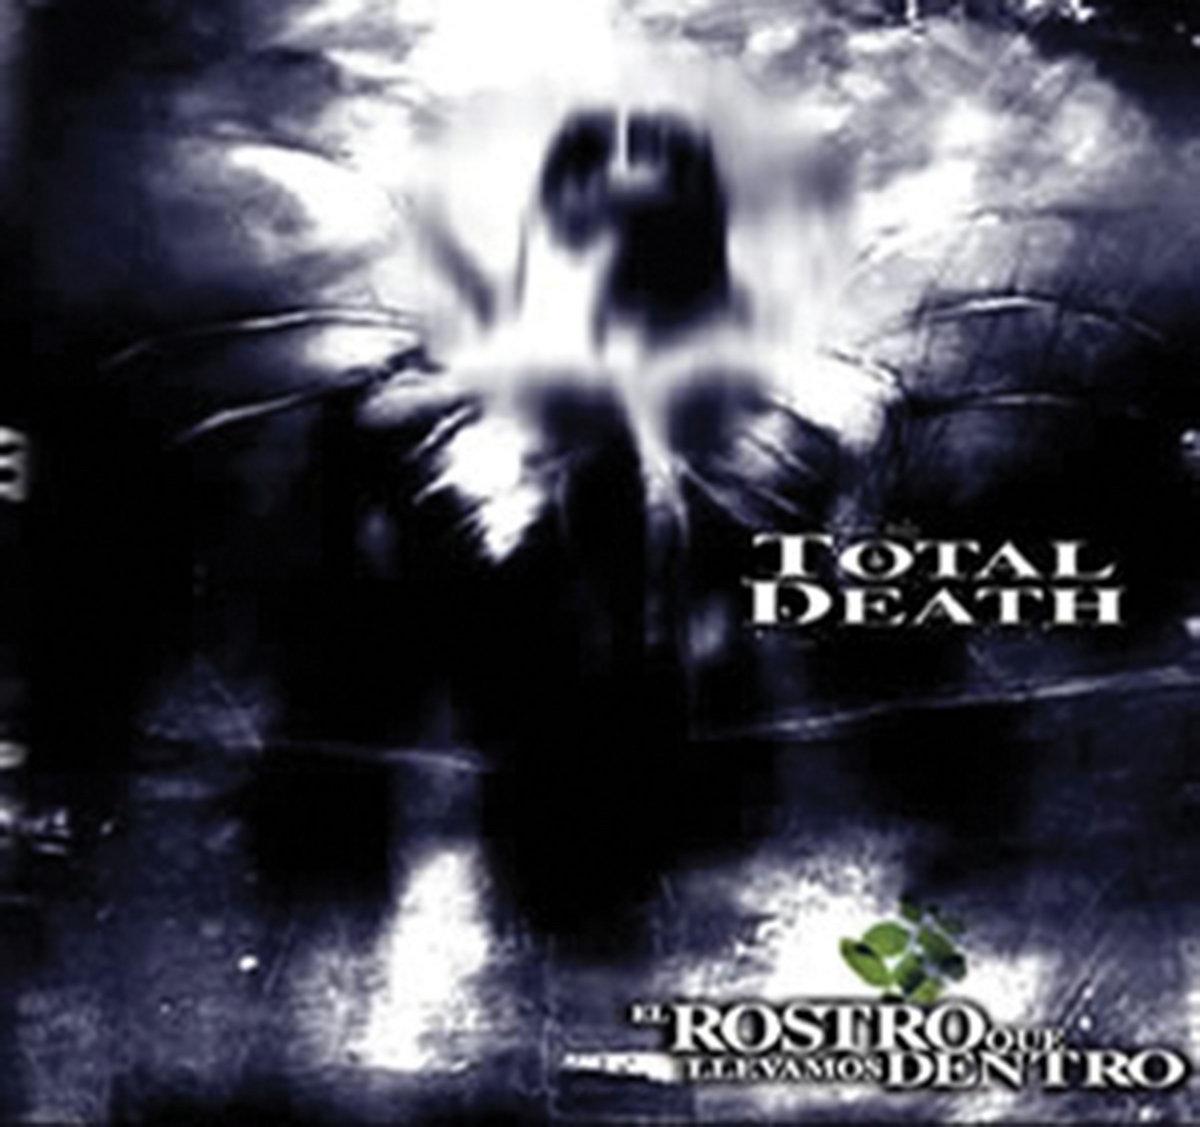 Total Death - El rostro que llevamos dentro